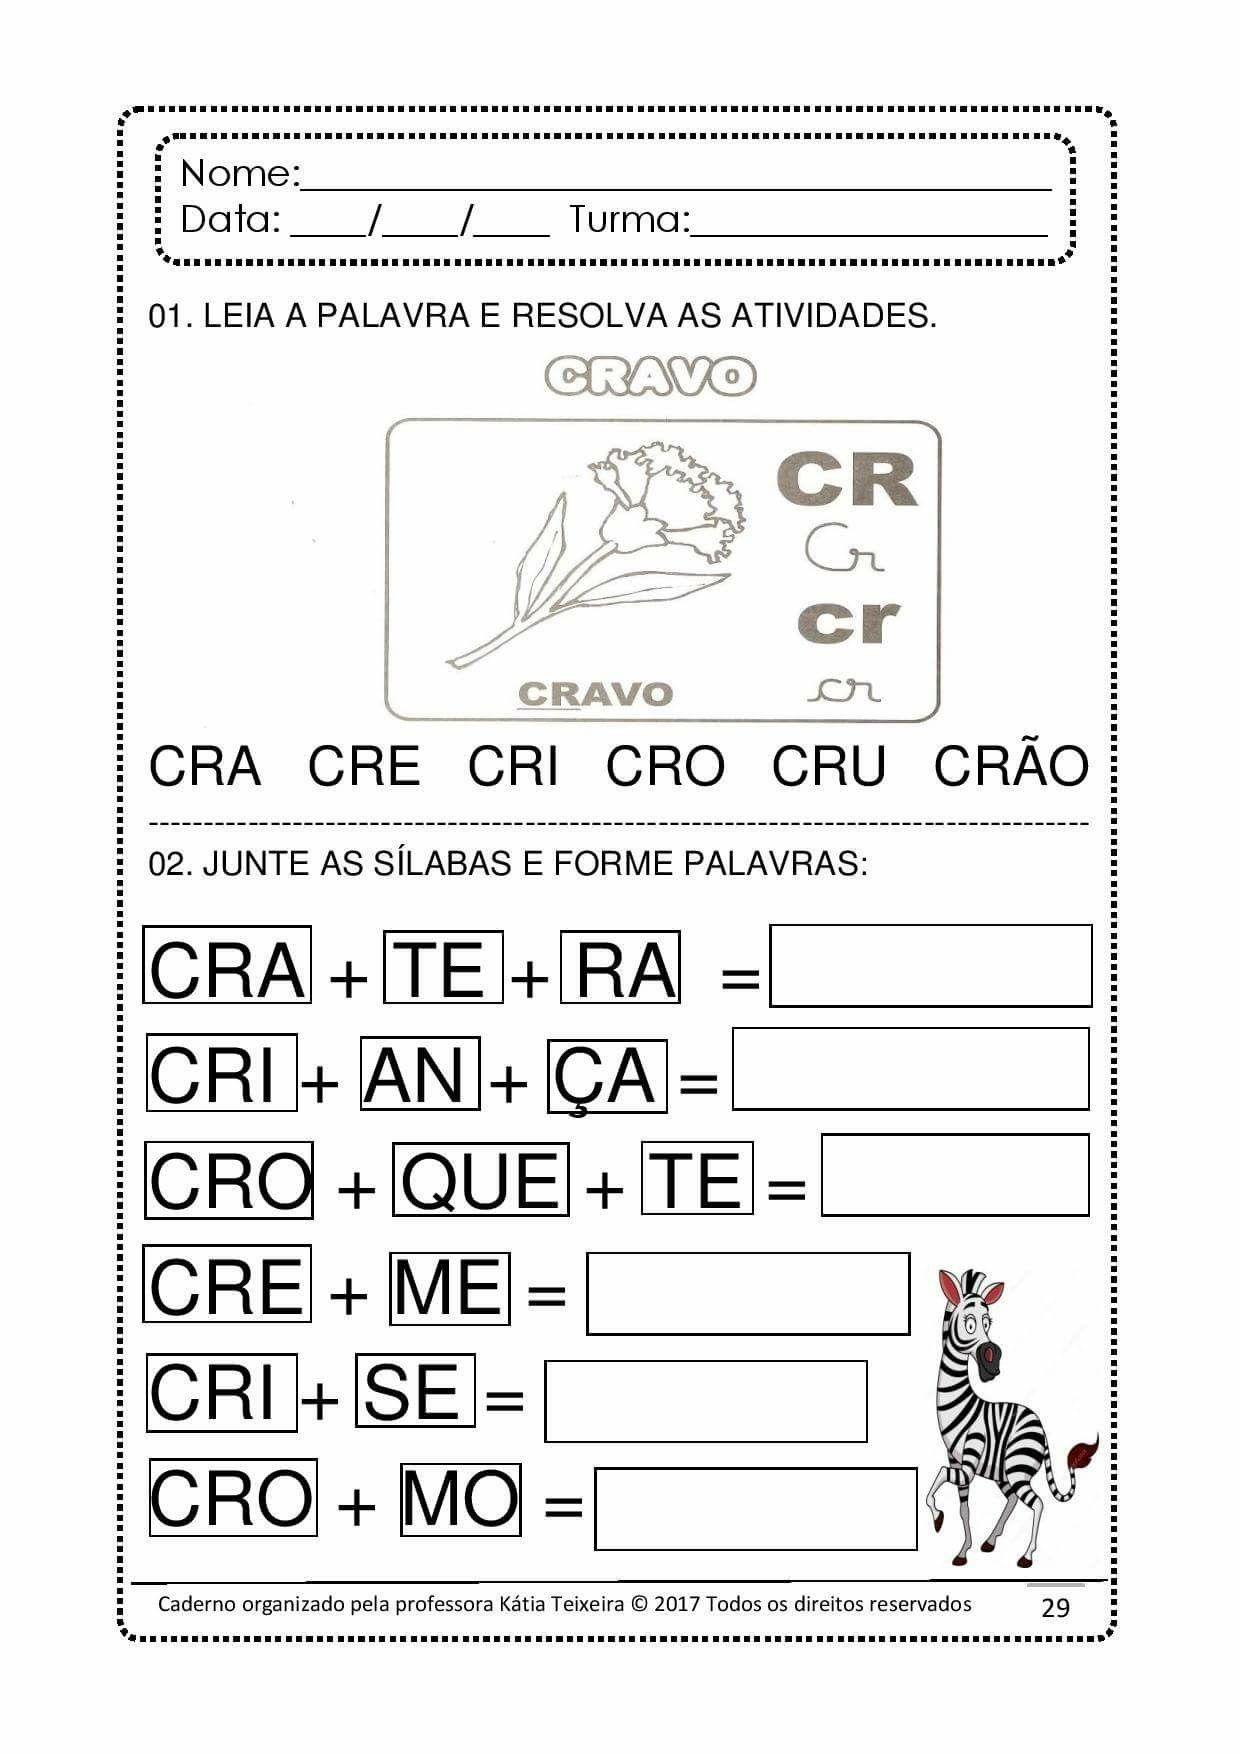 Pin De Vilma Germano Em Vilma Com Imagens Atividades